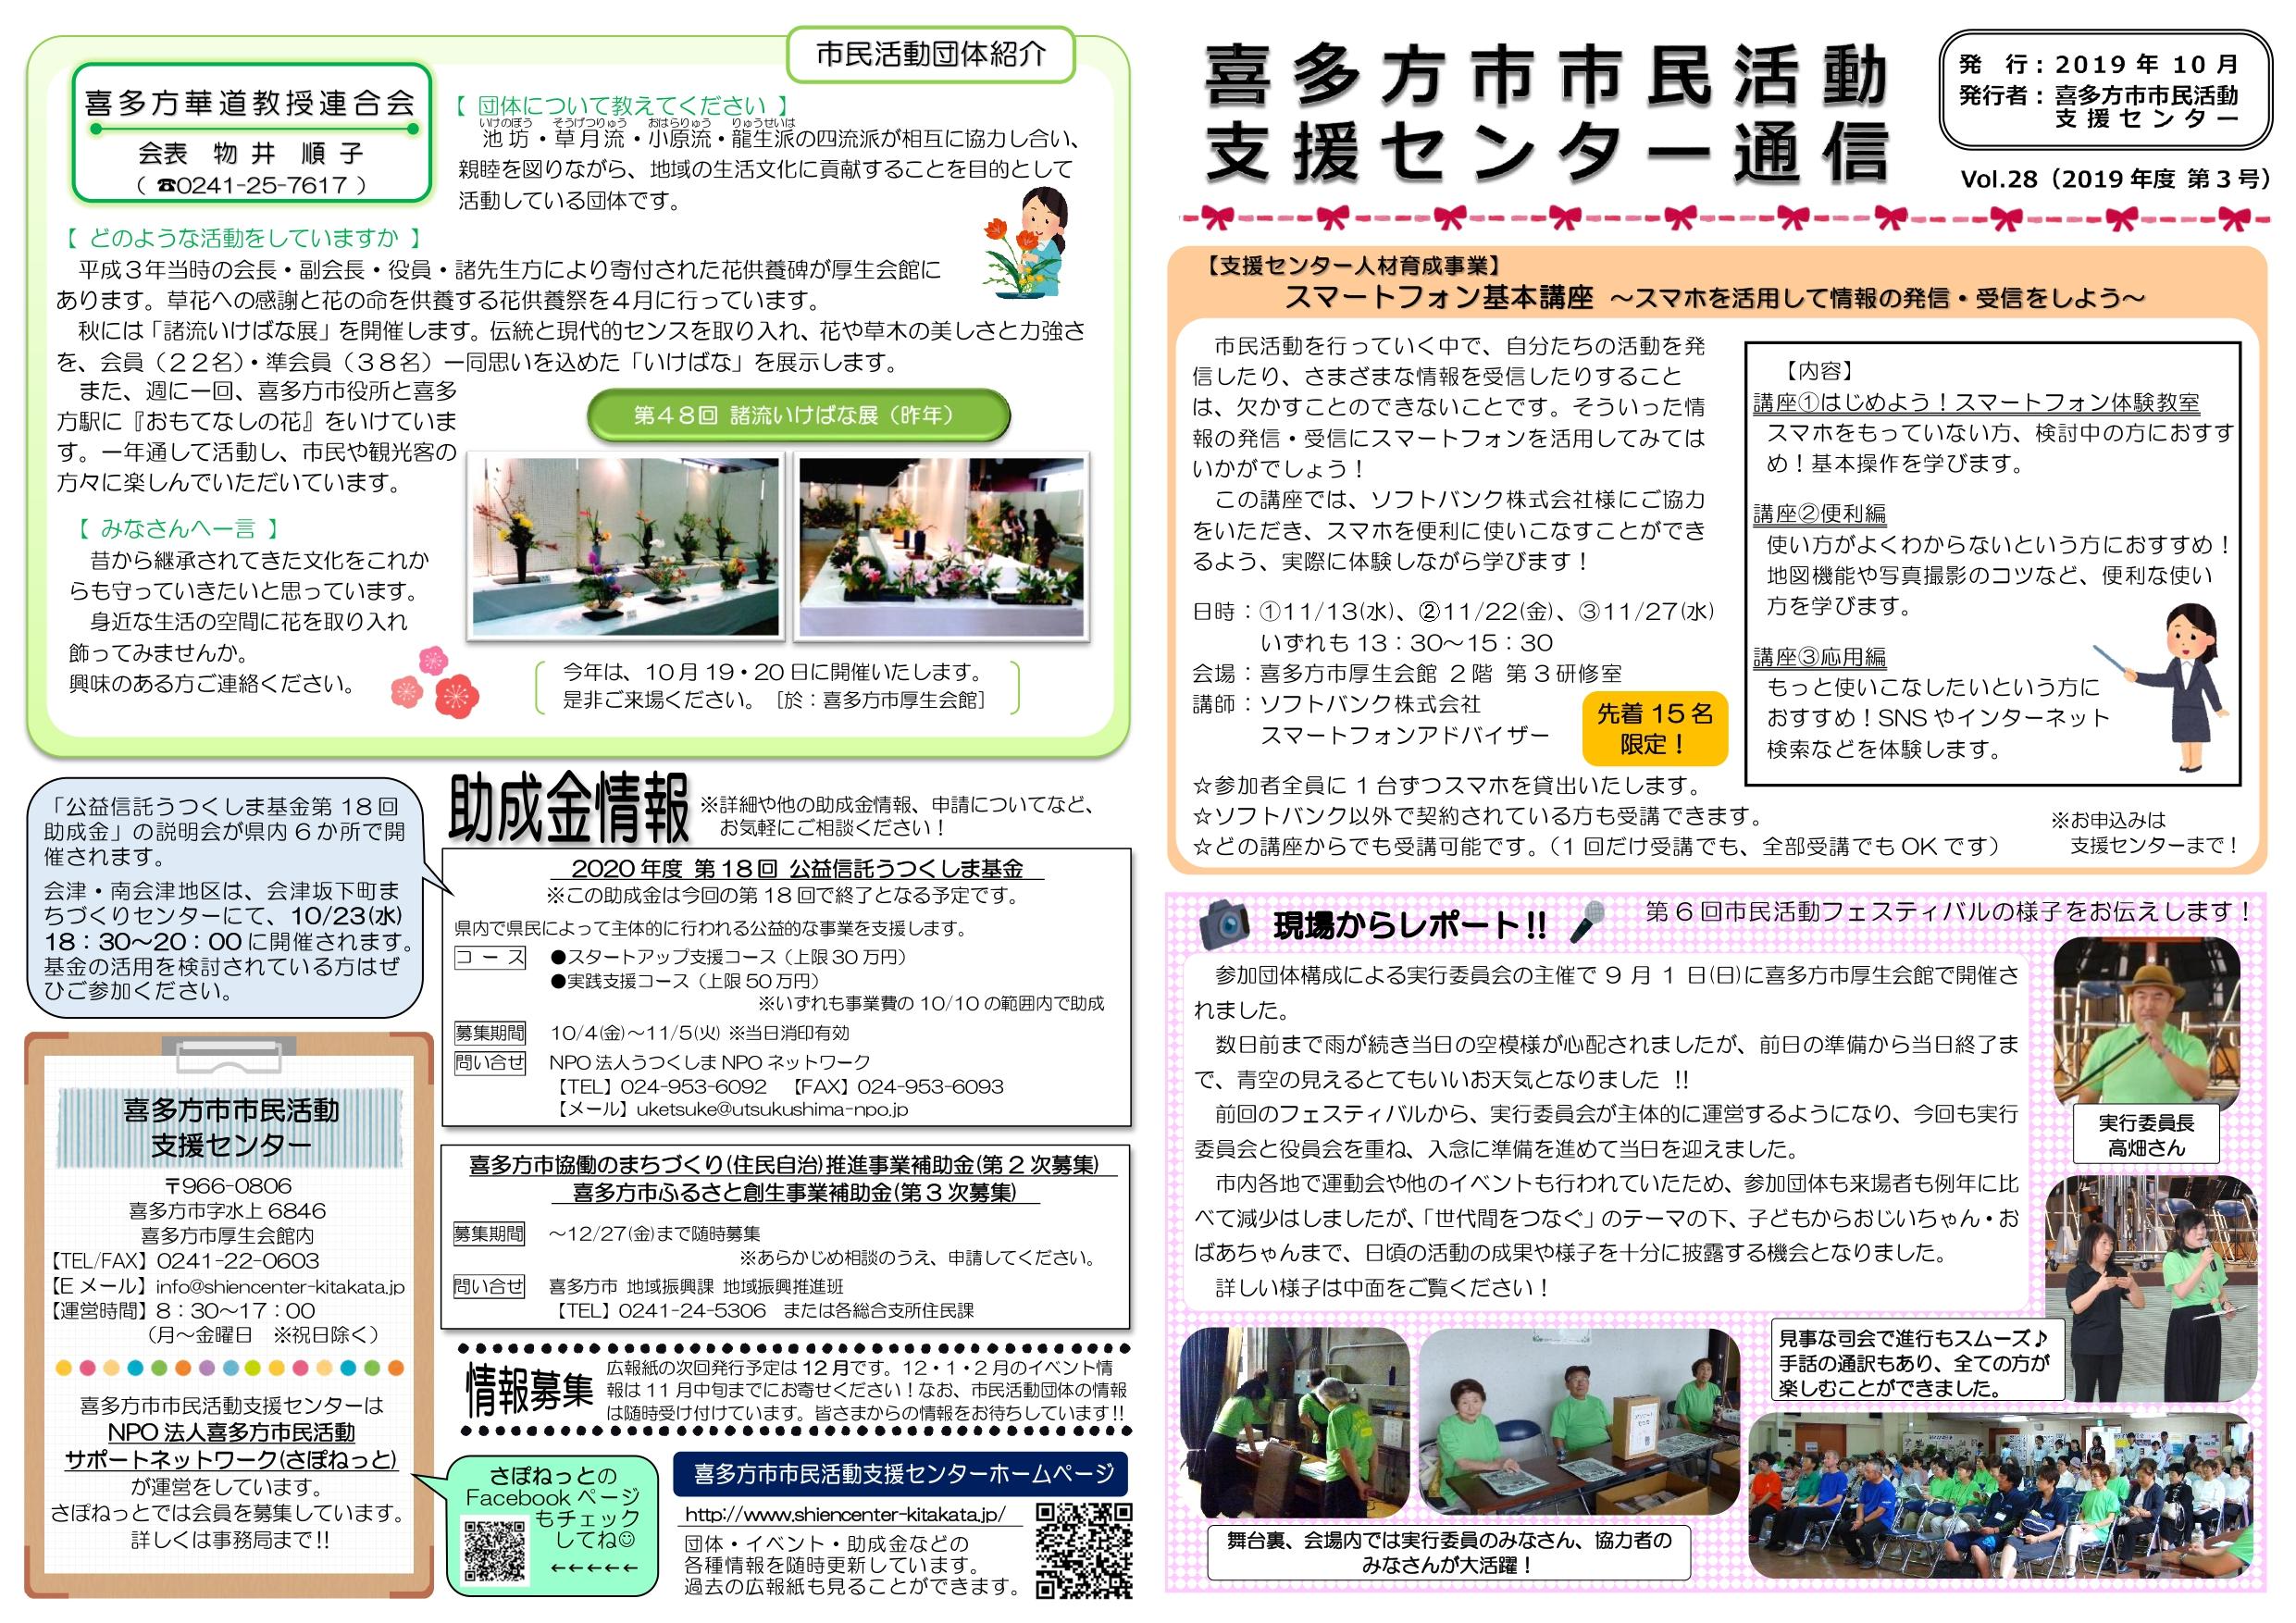 喜多方市市民活動支援センター通信 2019年度第3号(Vol.28)